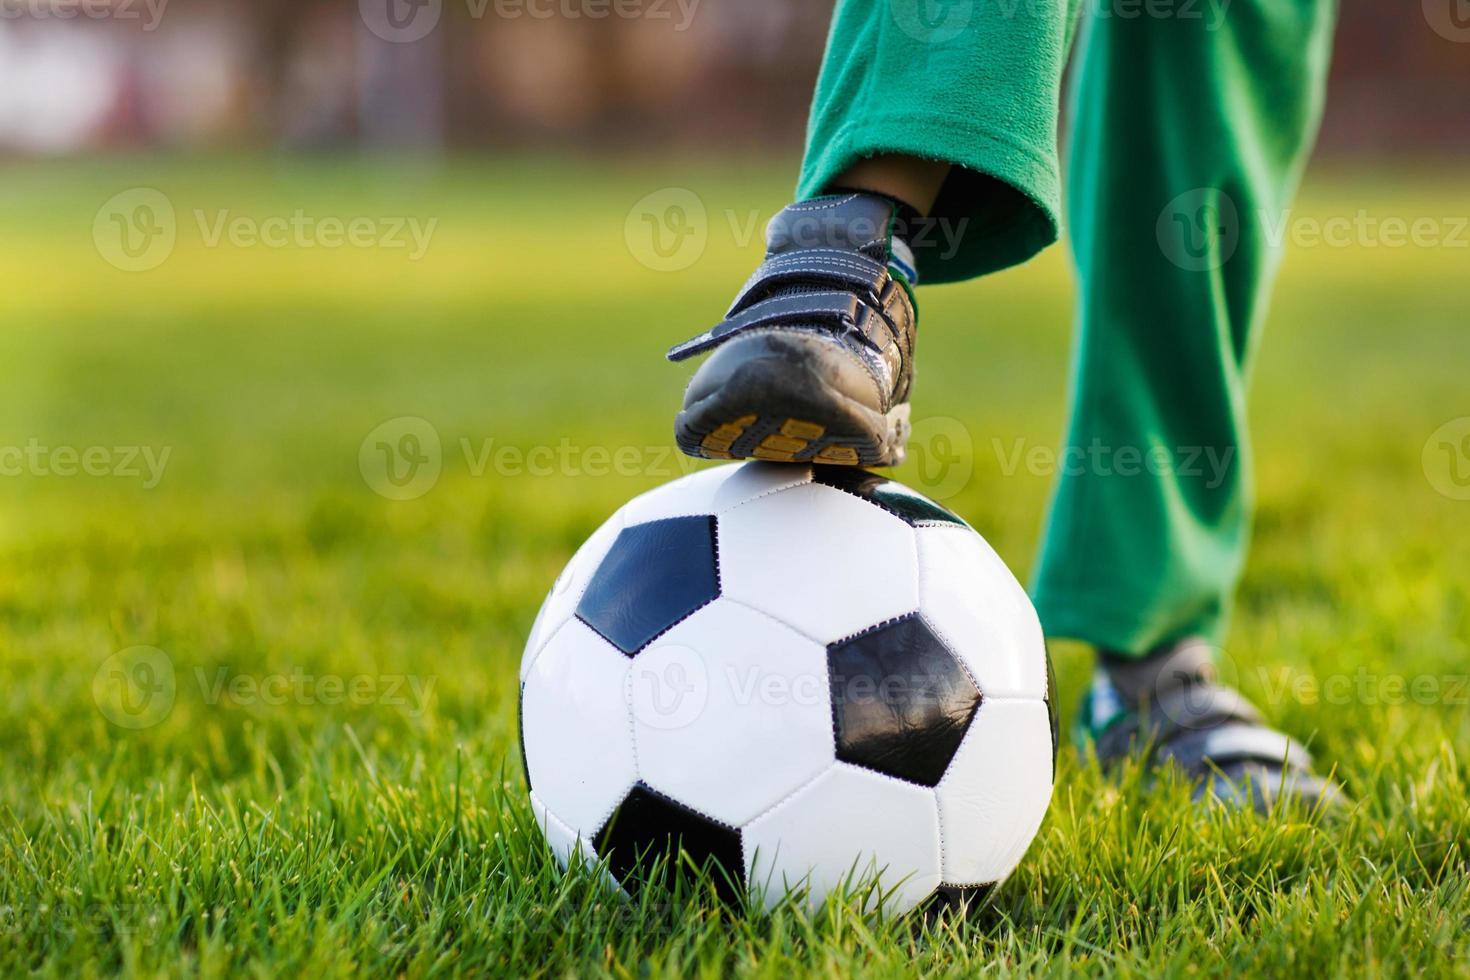 blonder Junge von 4, der Fußball mit Fußball nur Feld spielt foto